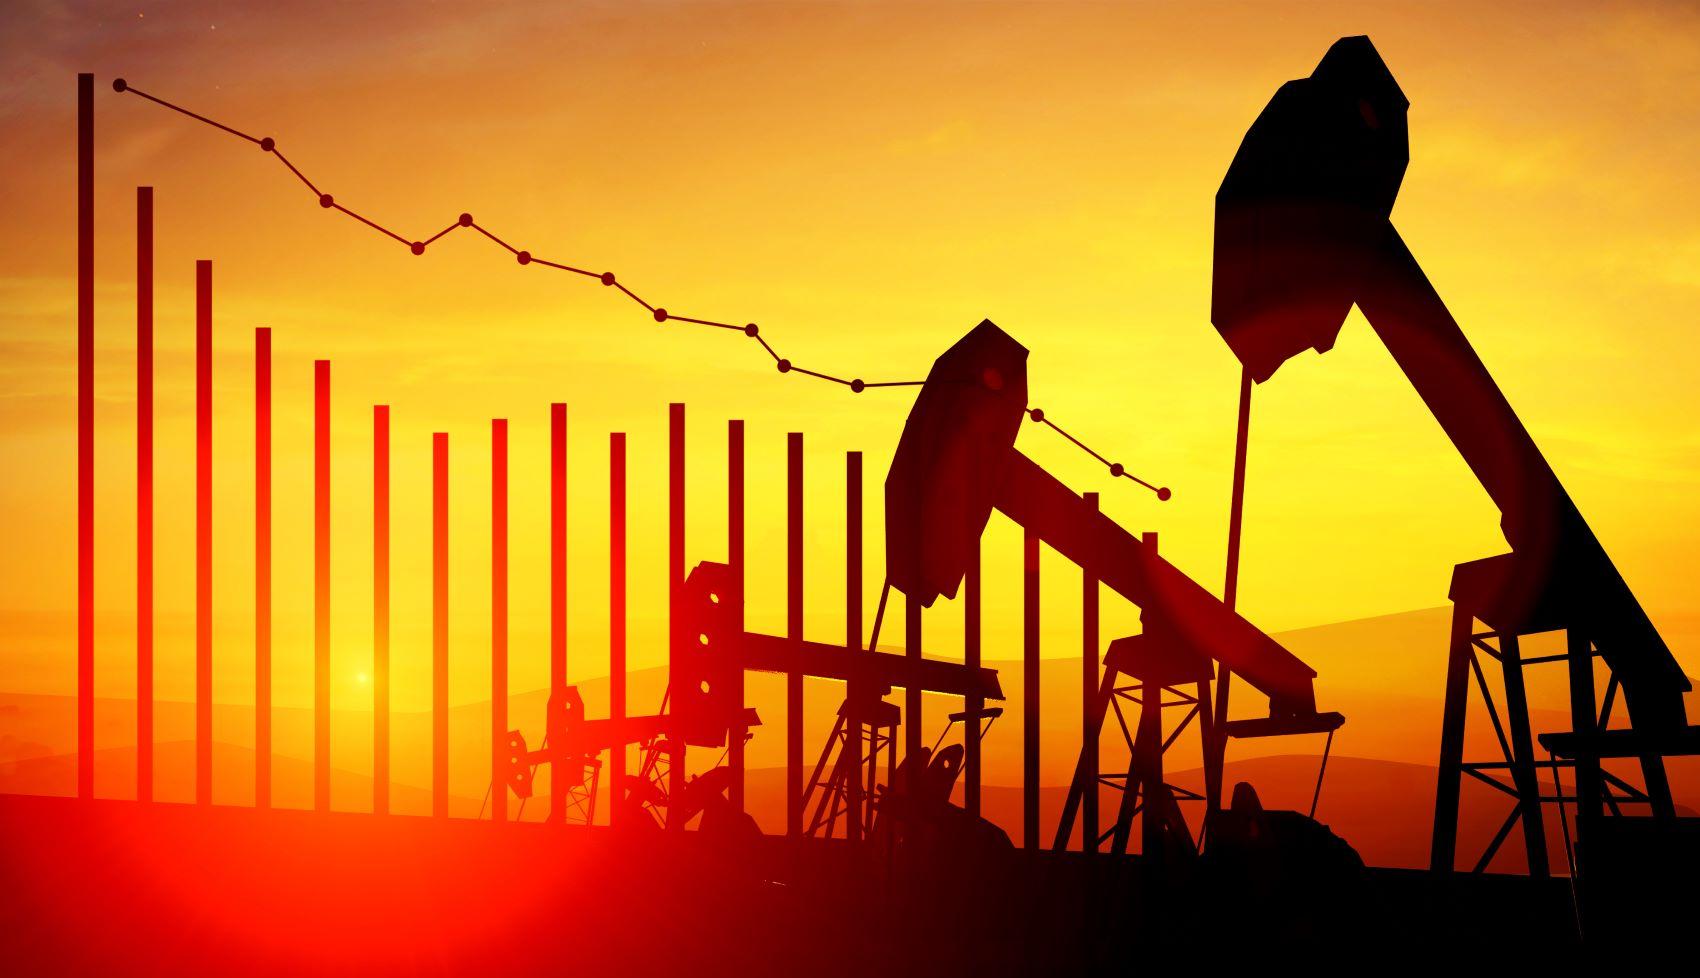 invistaja.info - Petroleiras estão de olho em projeto de US$ 29 bilhões de GNL no Catar